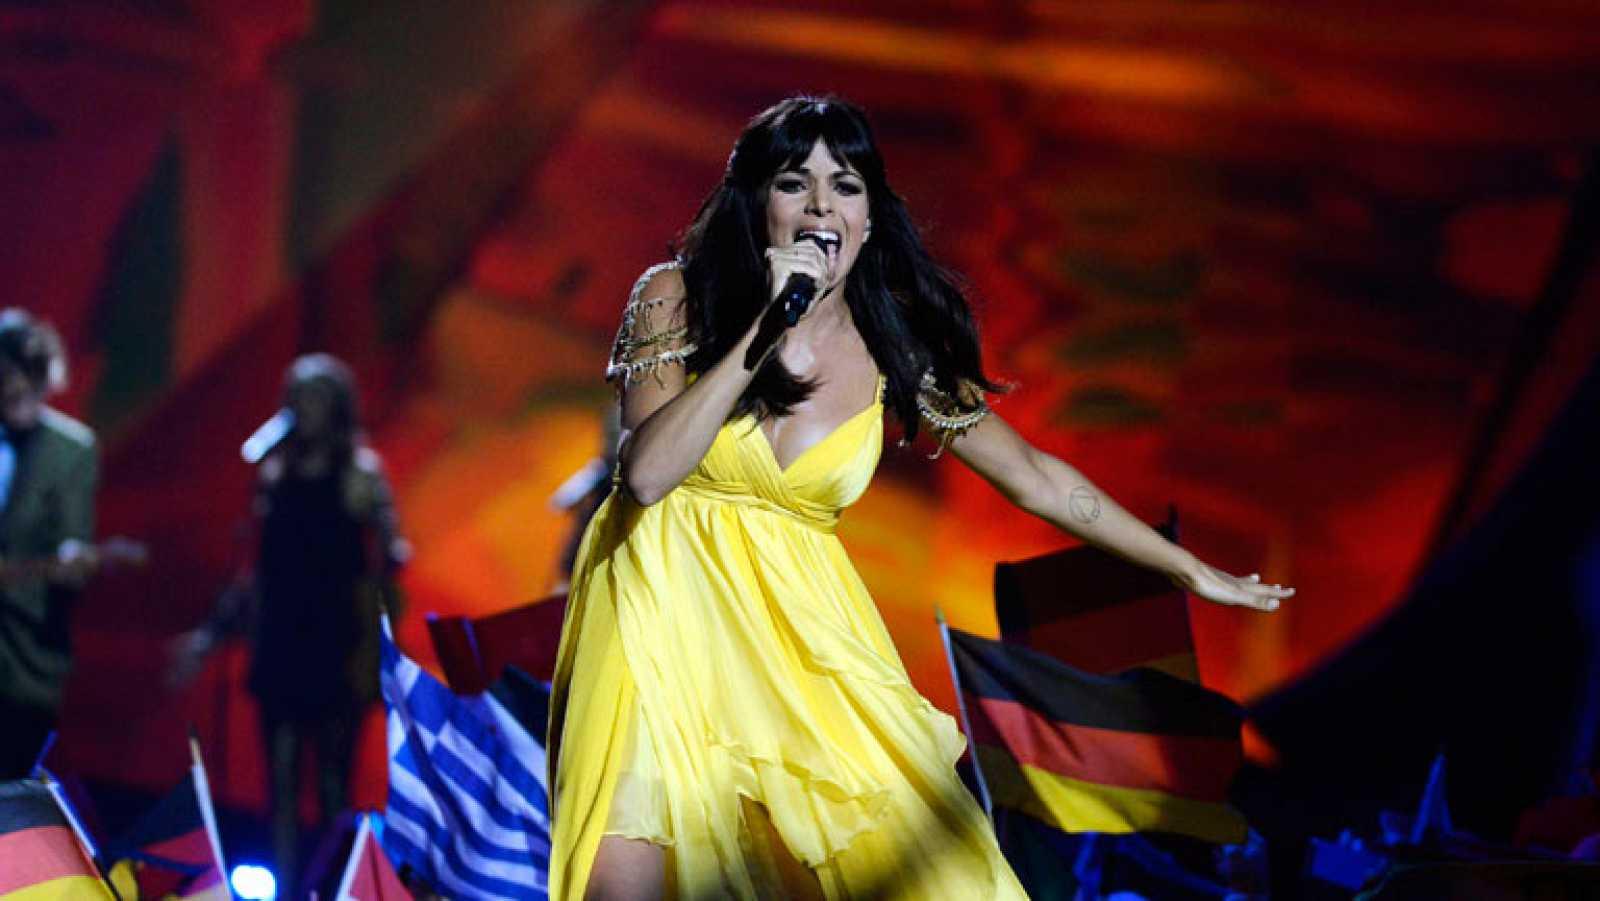 El sueño de Morfeo no convenció al jurado de Eurovisión